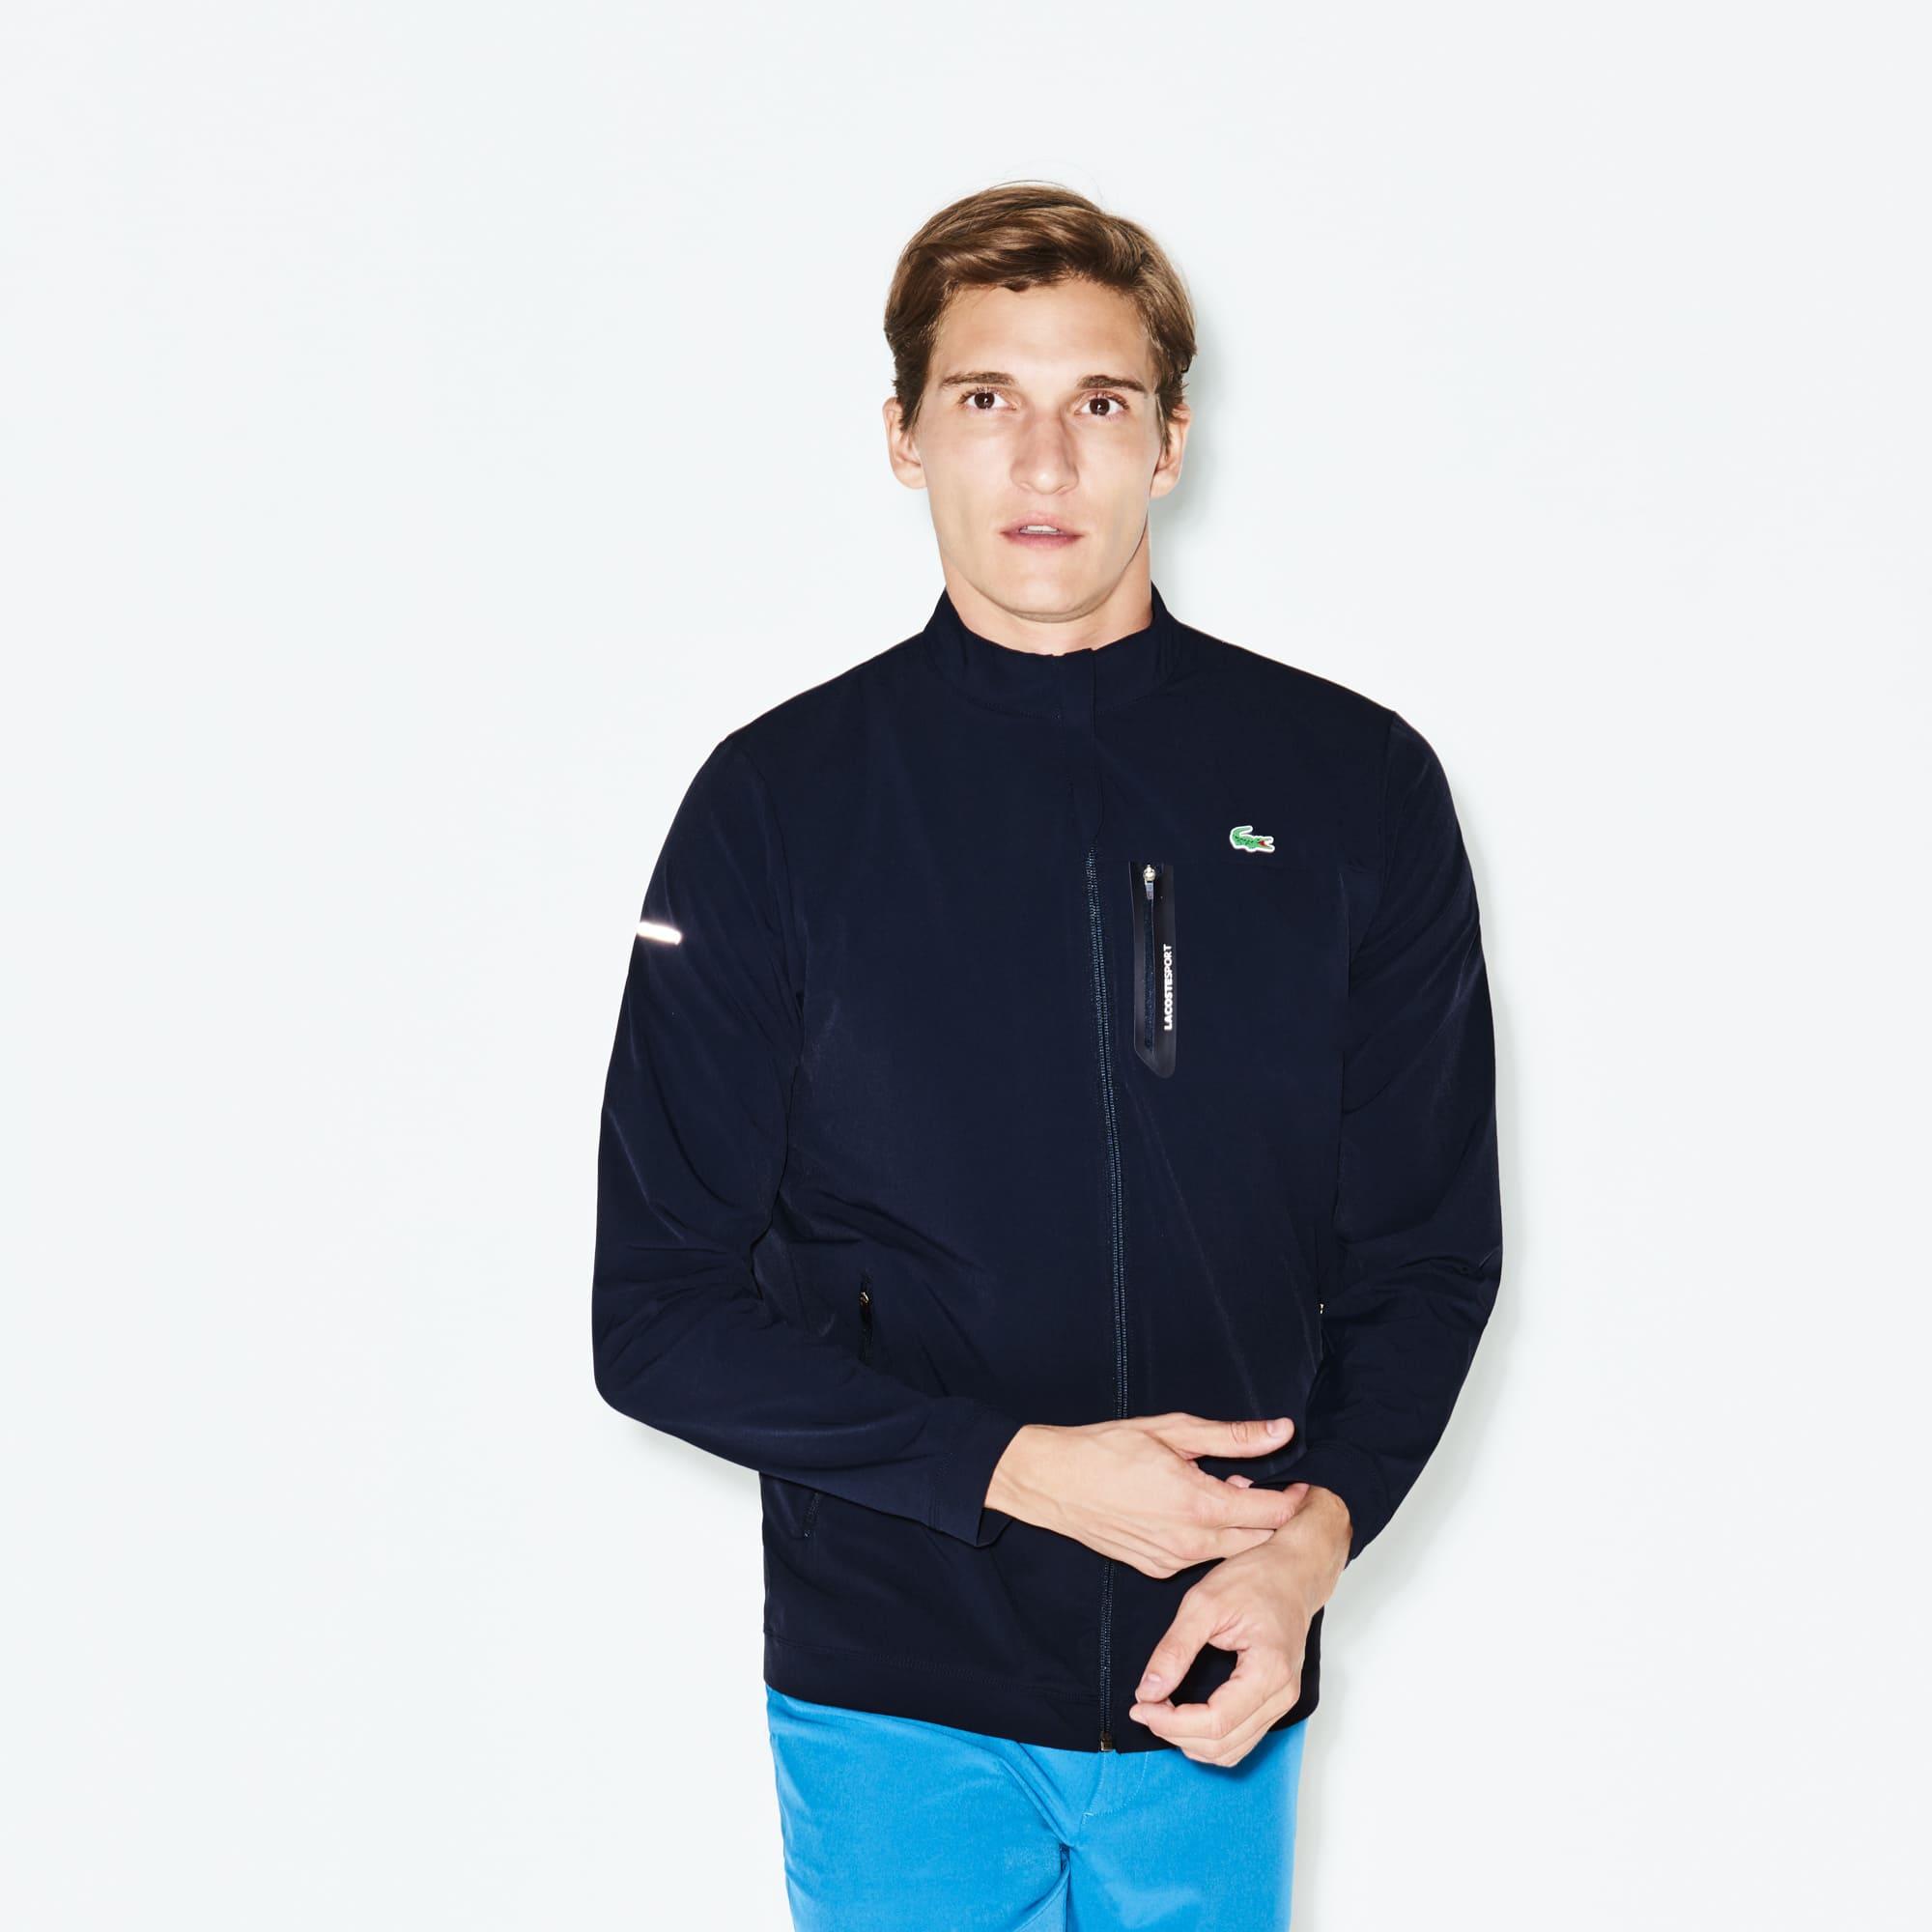 Men's Lacoste SPORT Technical Taffeta Zip Golf Jacket